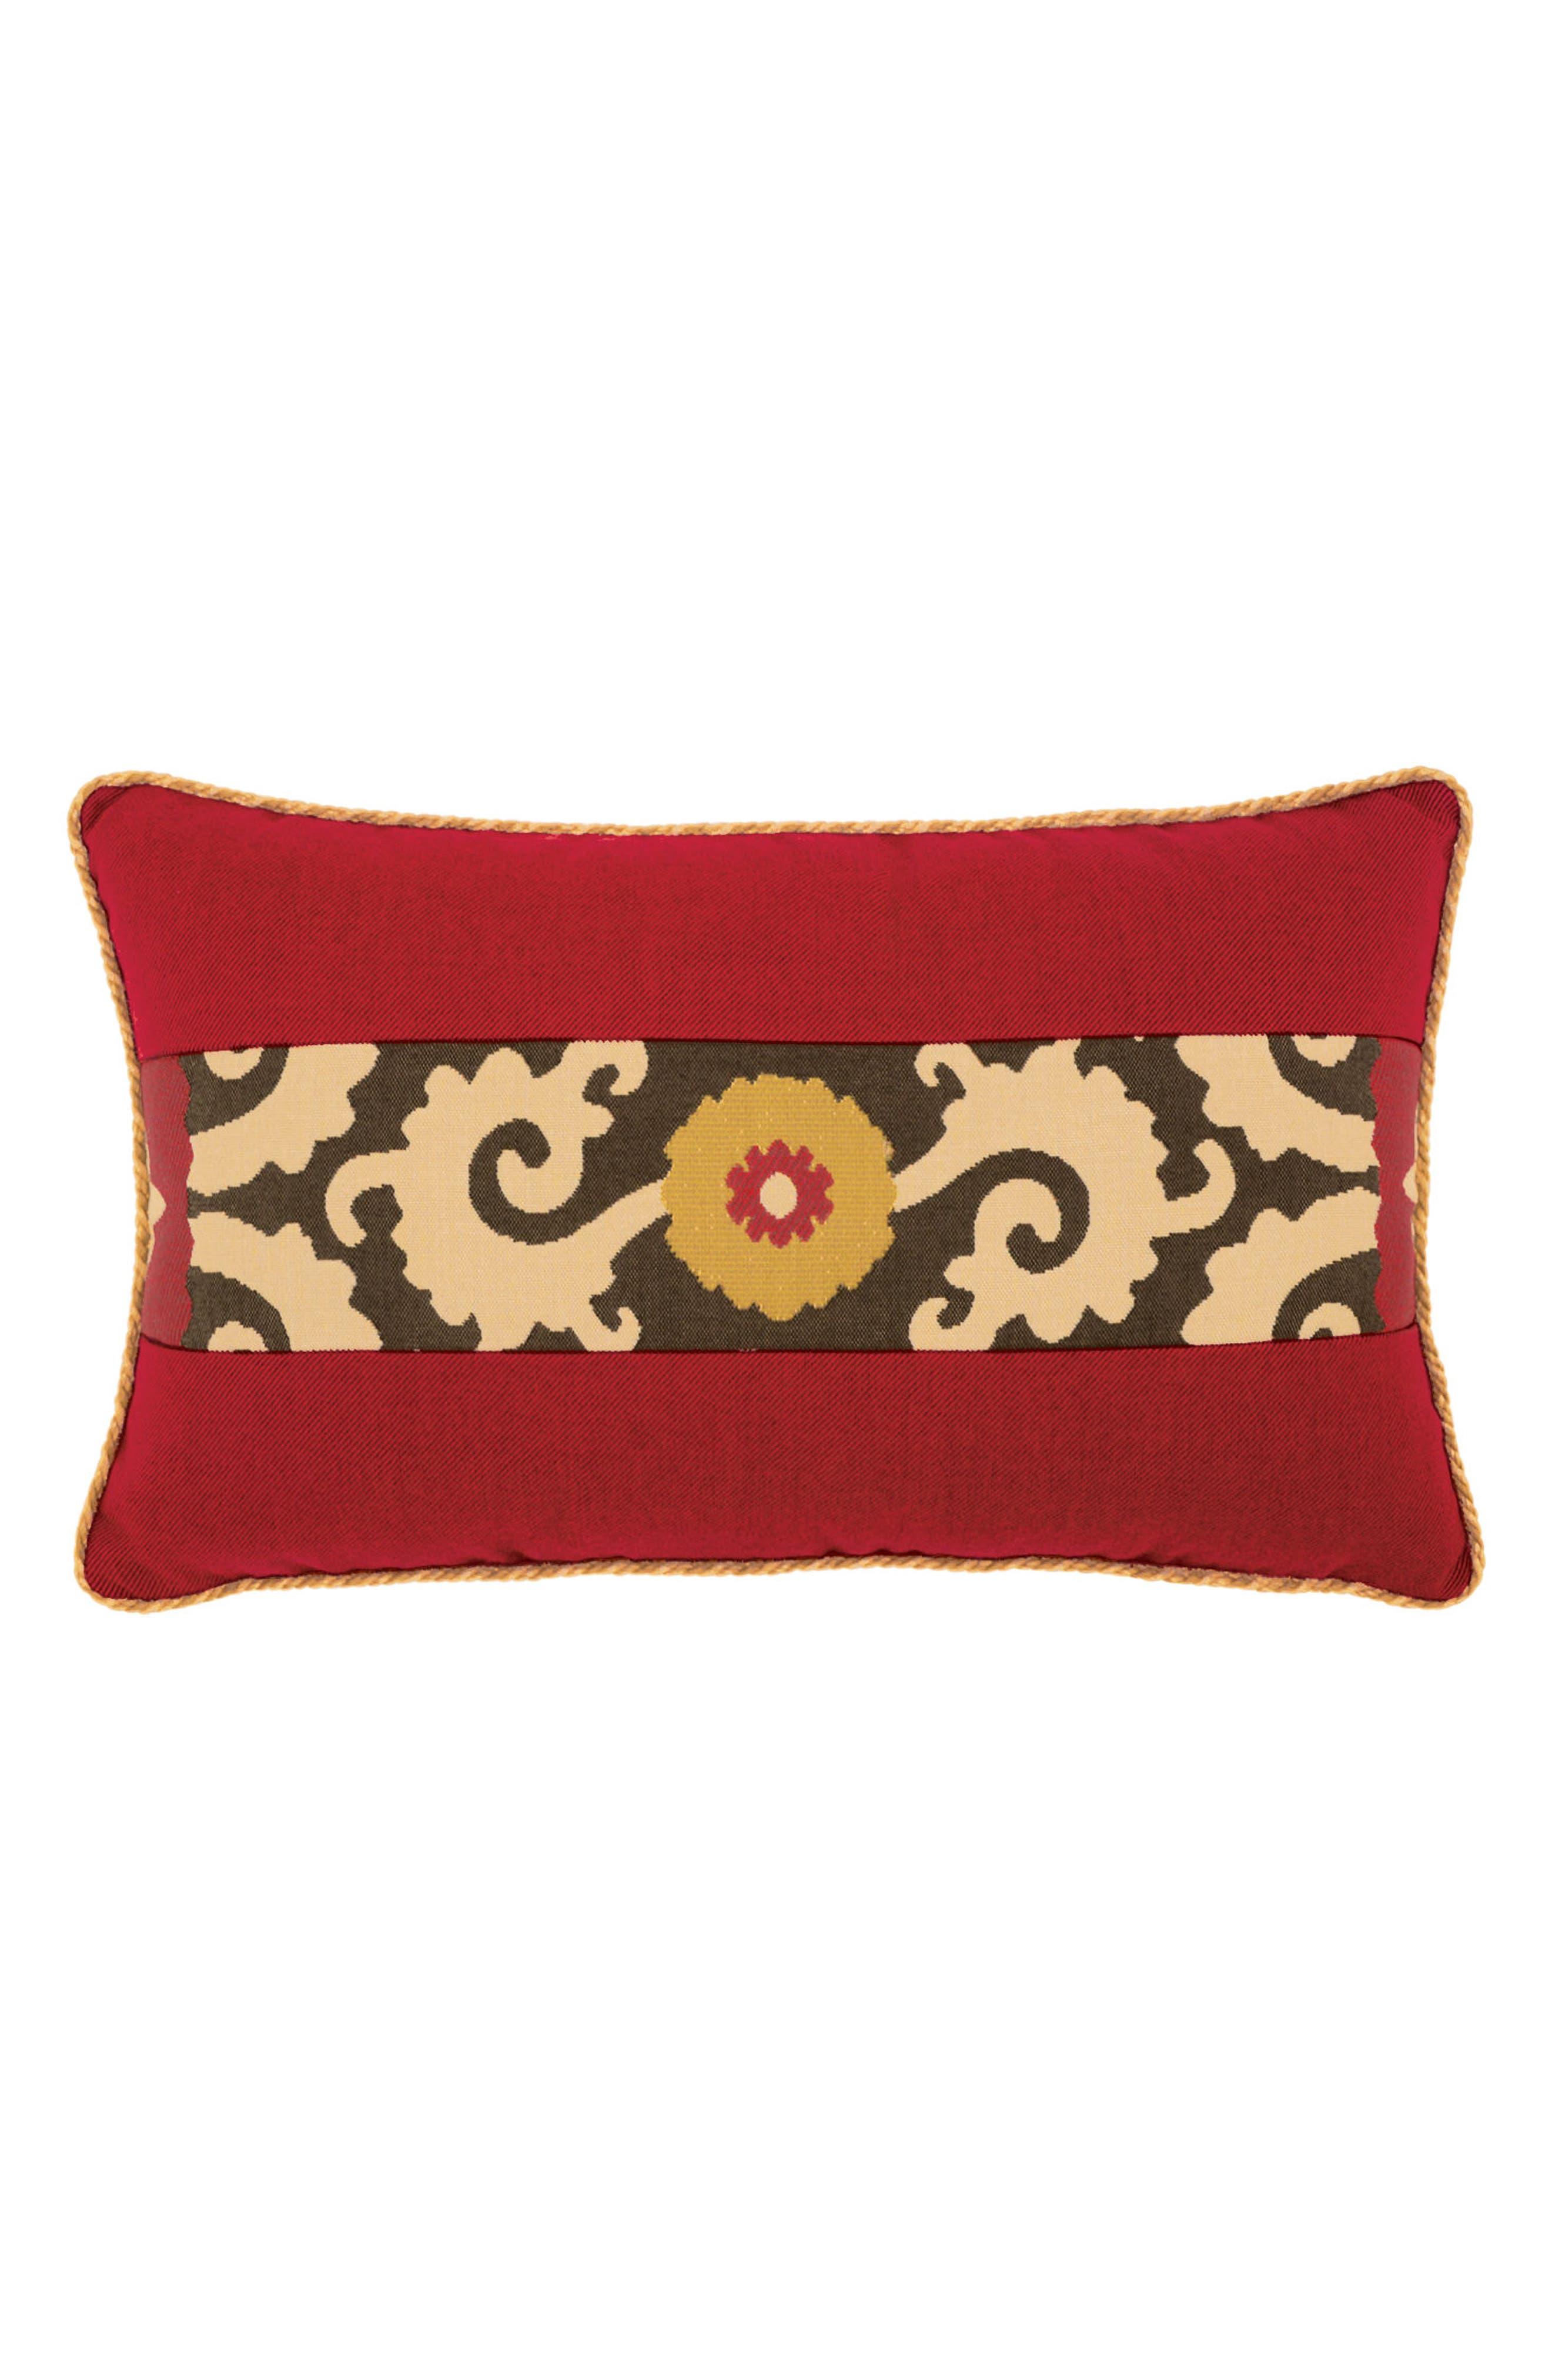 Main Image - Elaine Smith Suzani Sun Lumbar Pillow